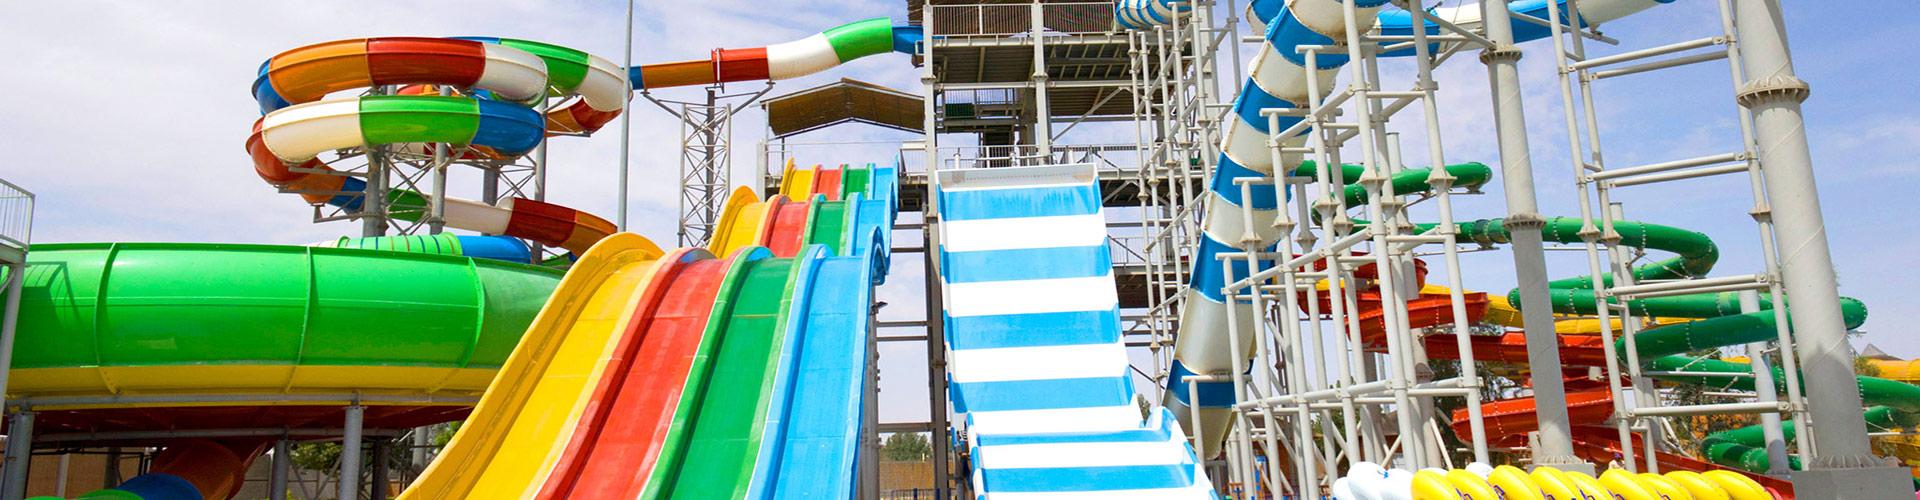 大型水上游乐设备生产厂(星米乐直播NBA)经营的产品有:水上乐园设备、水上游乐设备、水上游乐设施、水上乐园滑梯